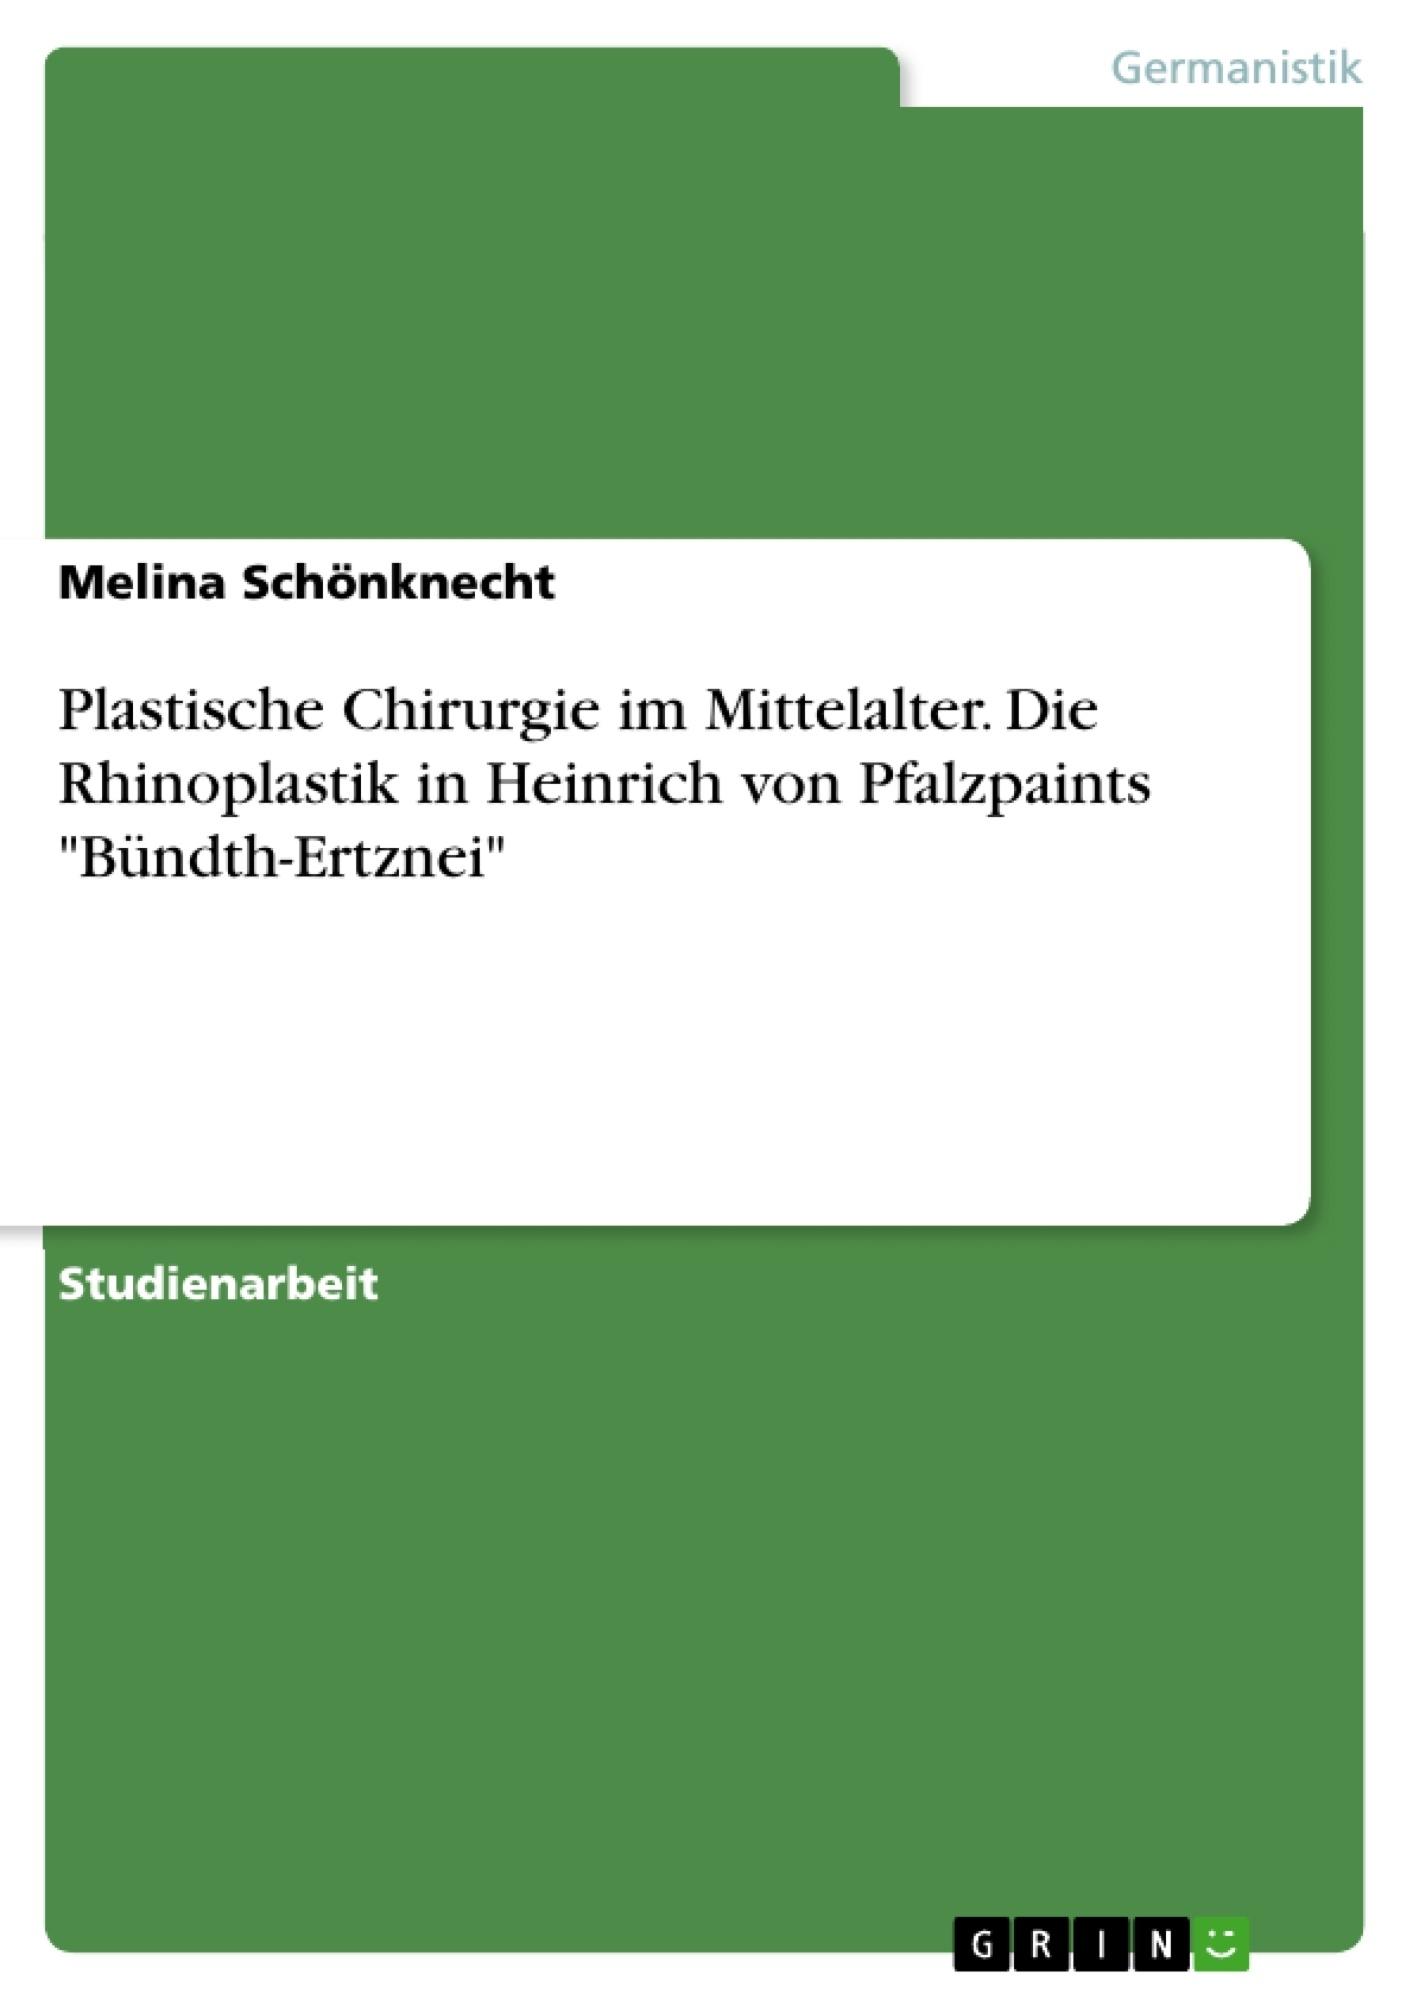 """Titel: Plastische Chirurgie im Mittelalter. Die Rhinoplastik in Heinrich von Pfalzpaints """"Bündth-Ertznei"""""""